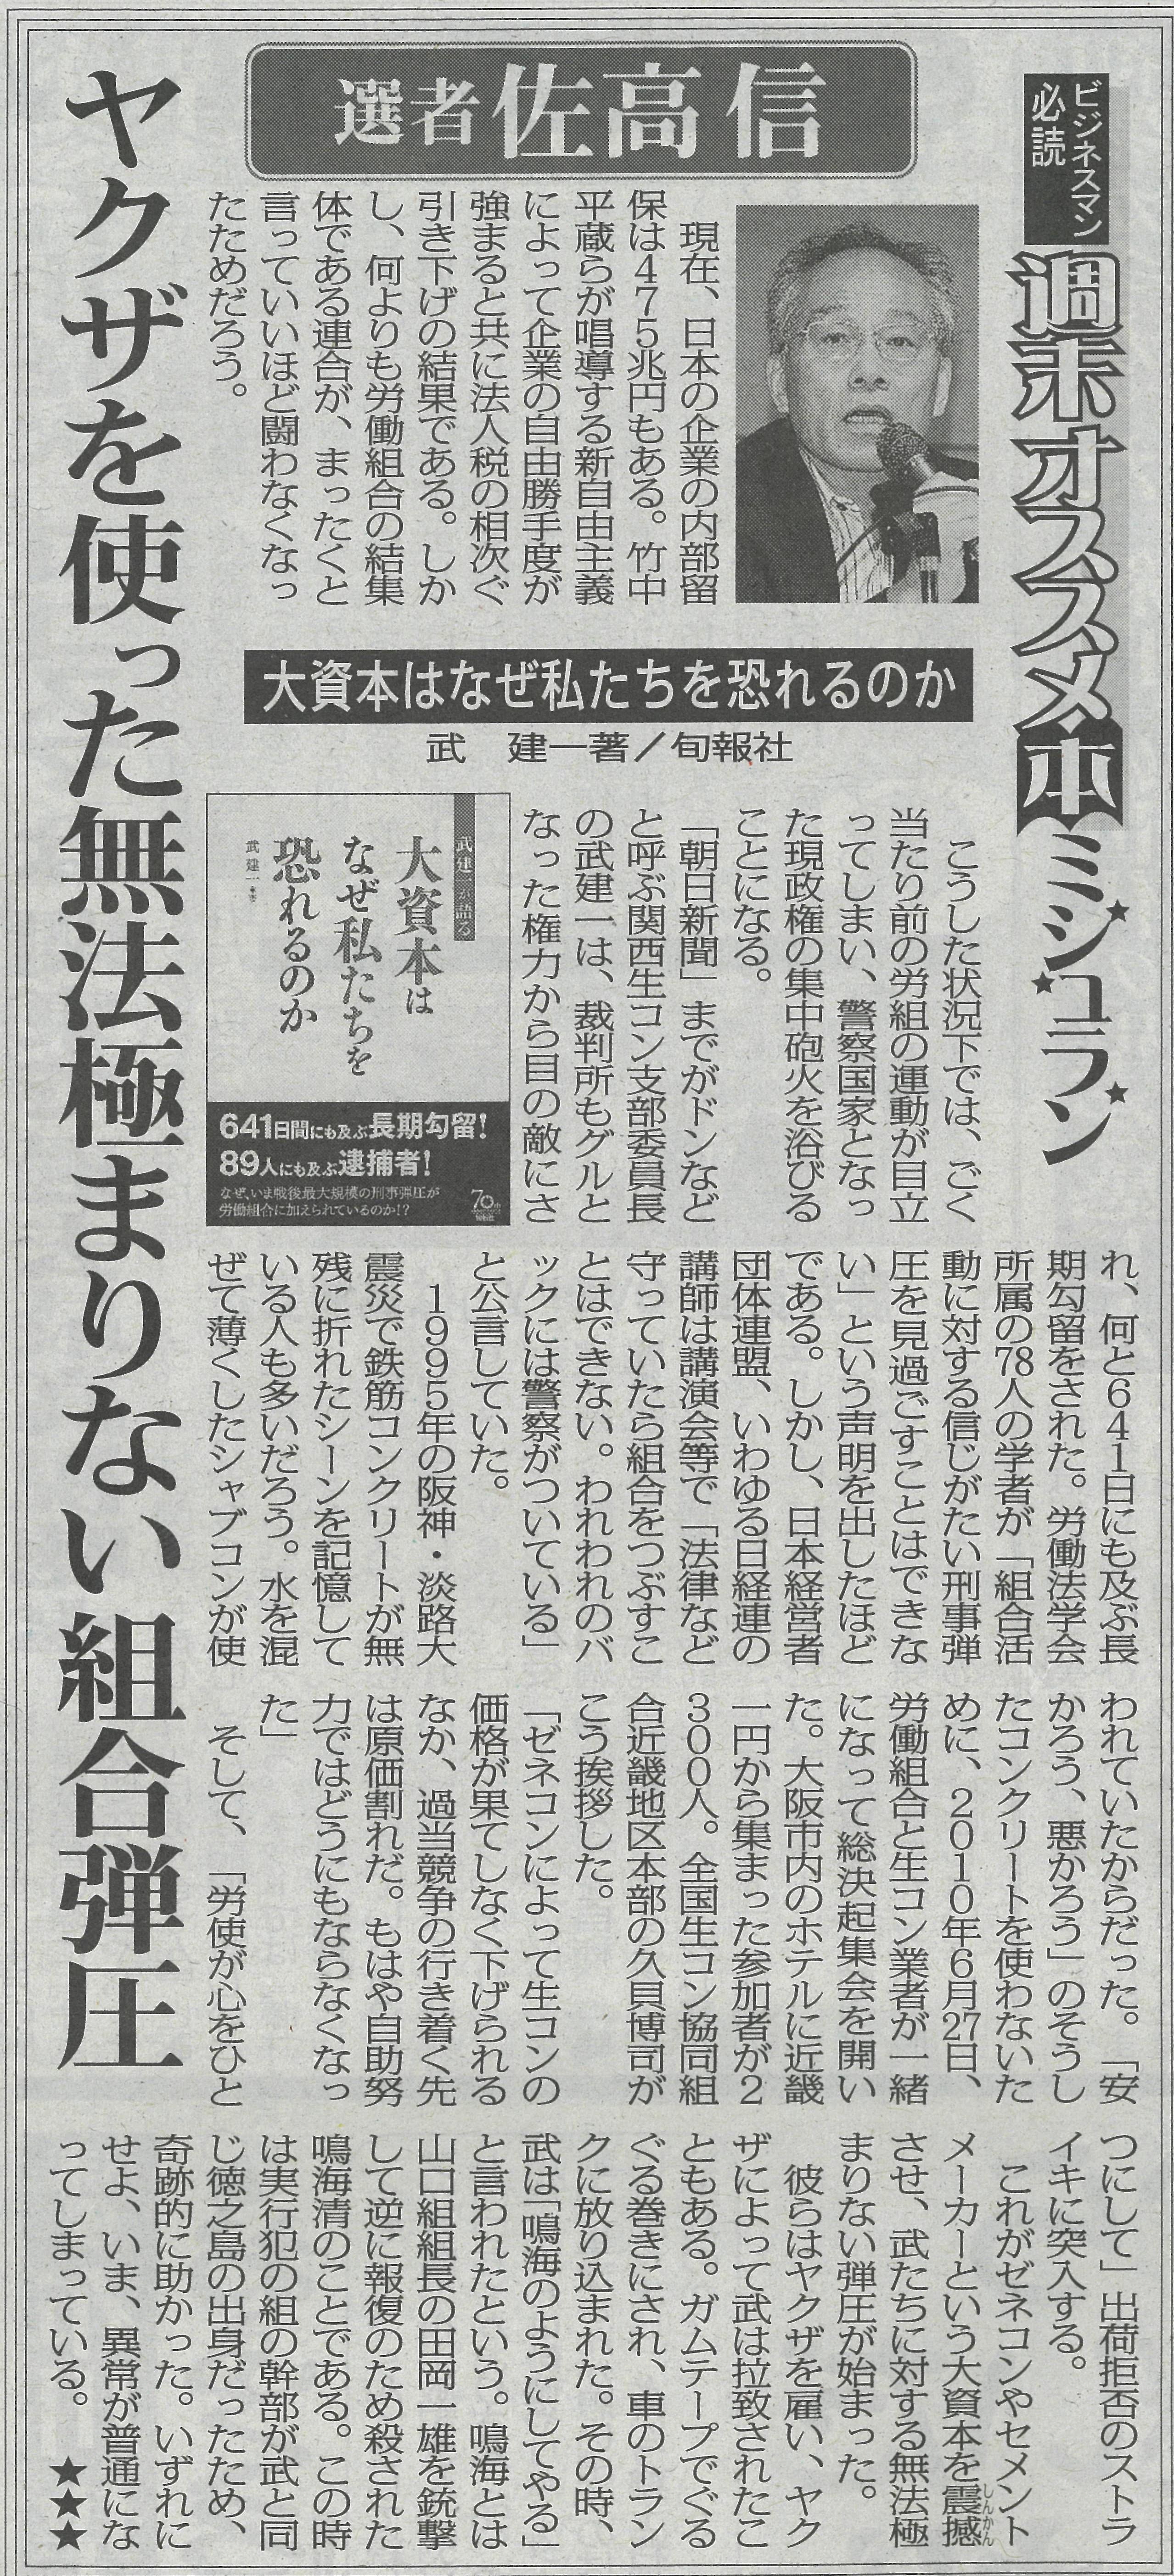 ゲンダイ 日刊